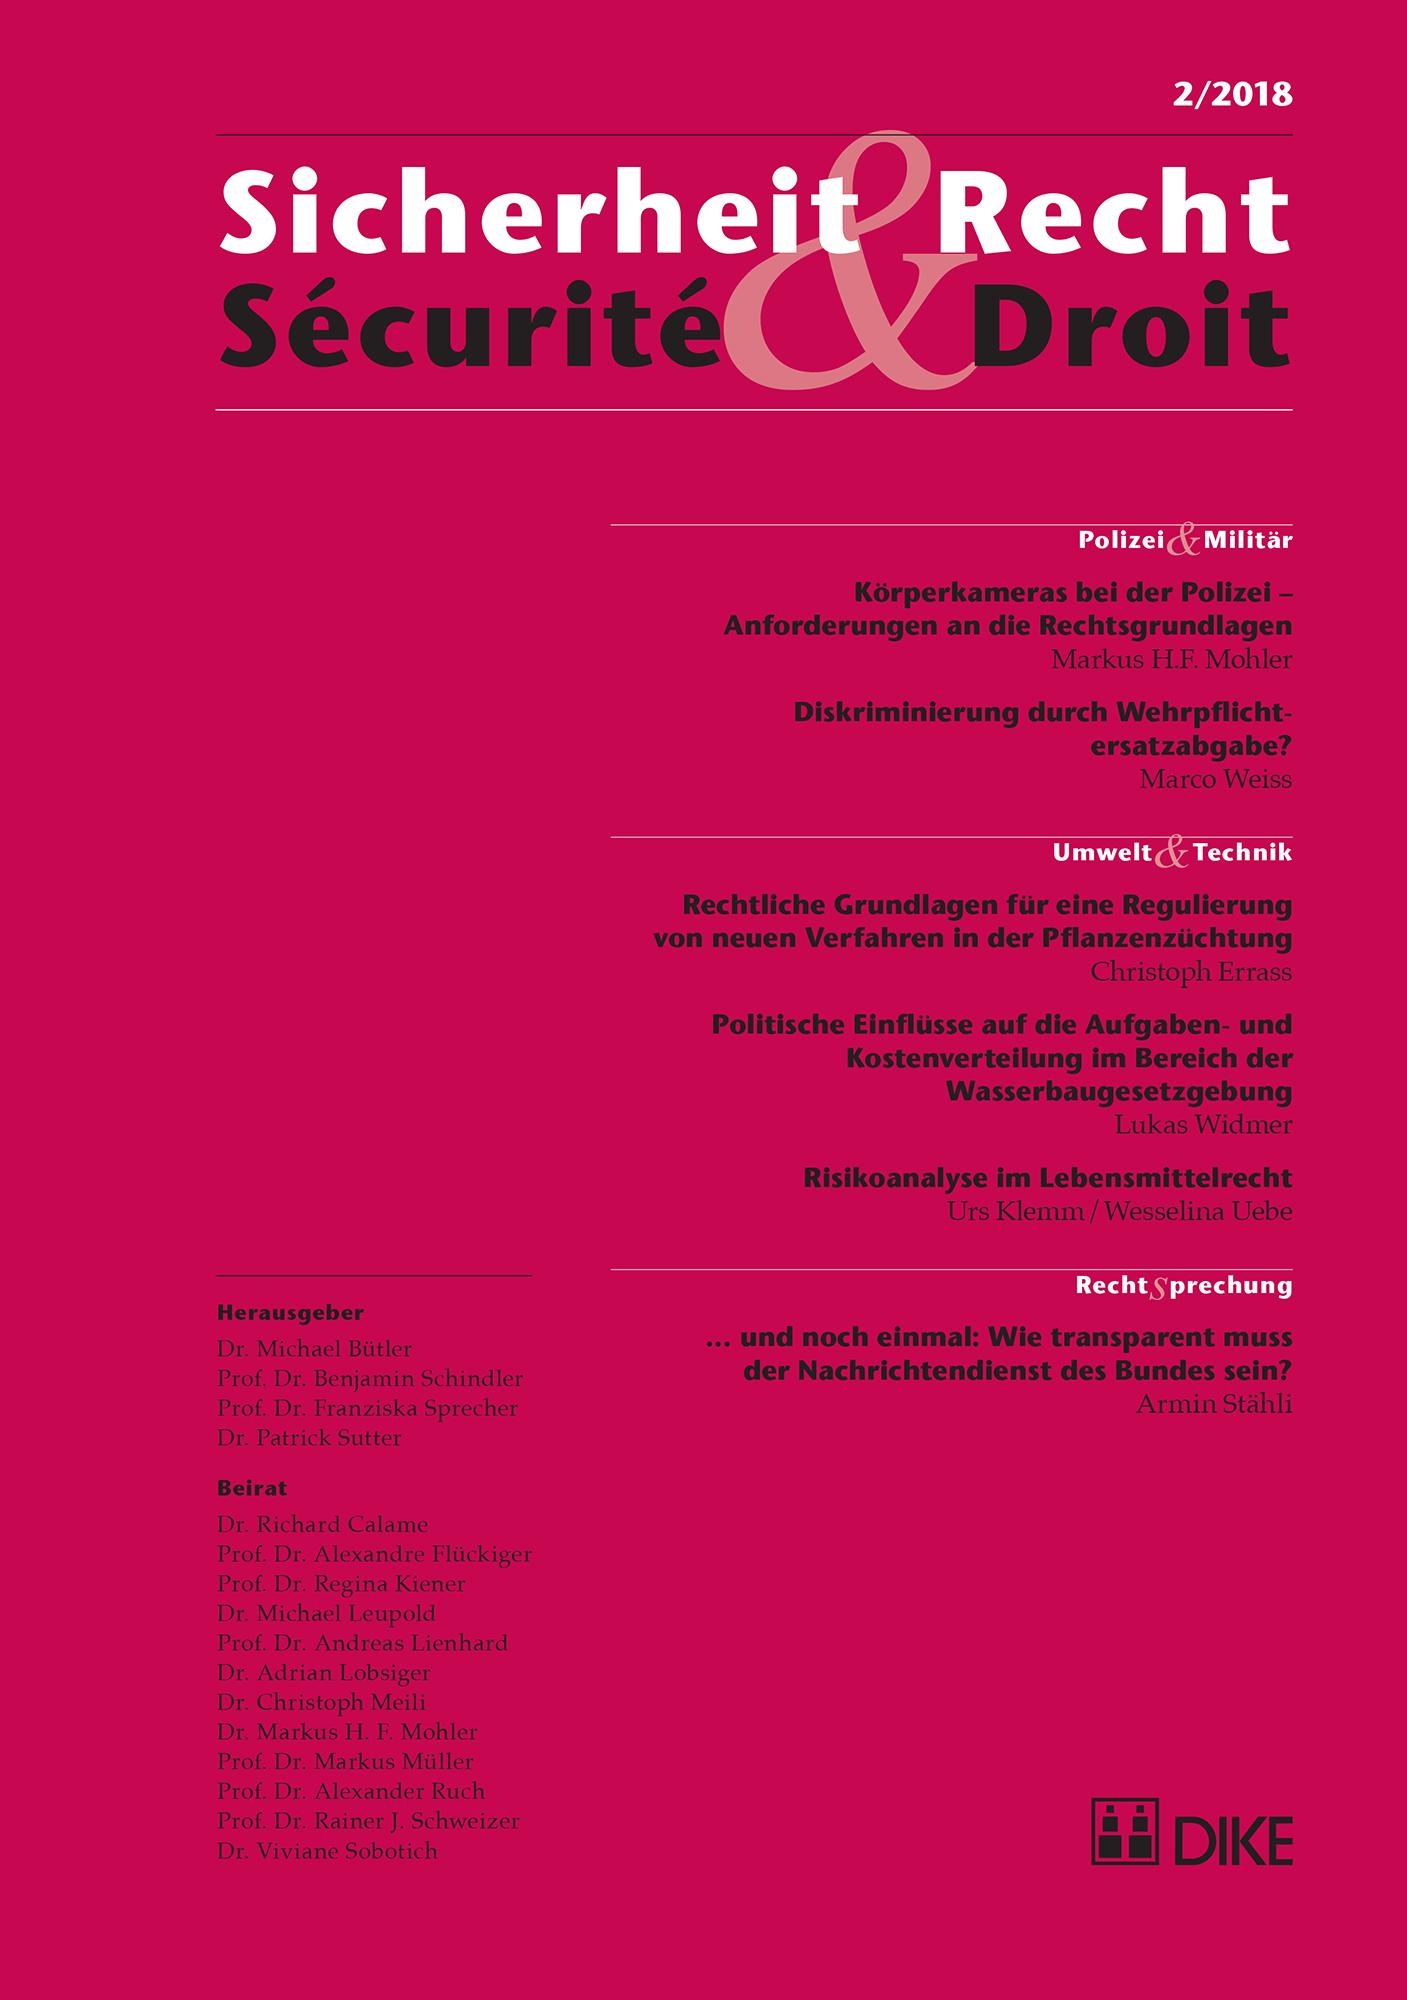 Sicherheit & Recht / Sécurité & Droit 02/2018